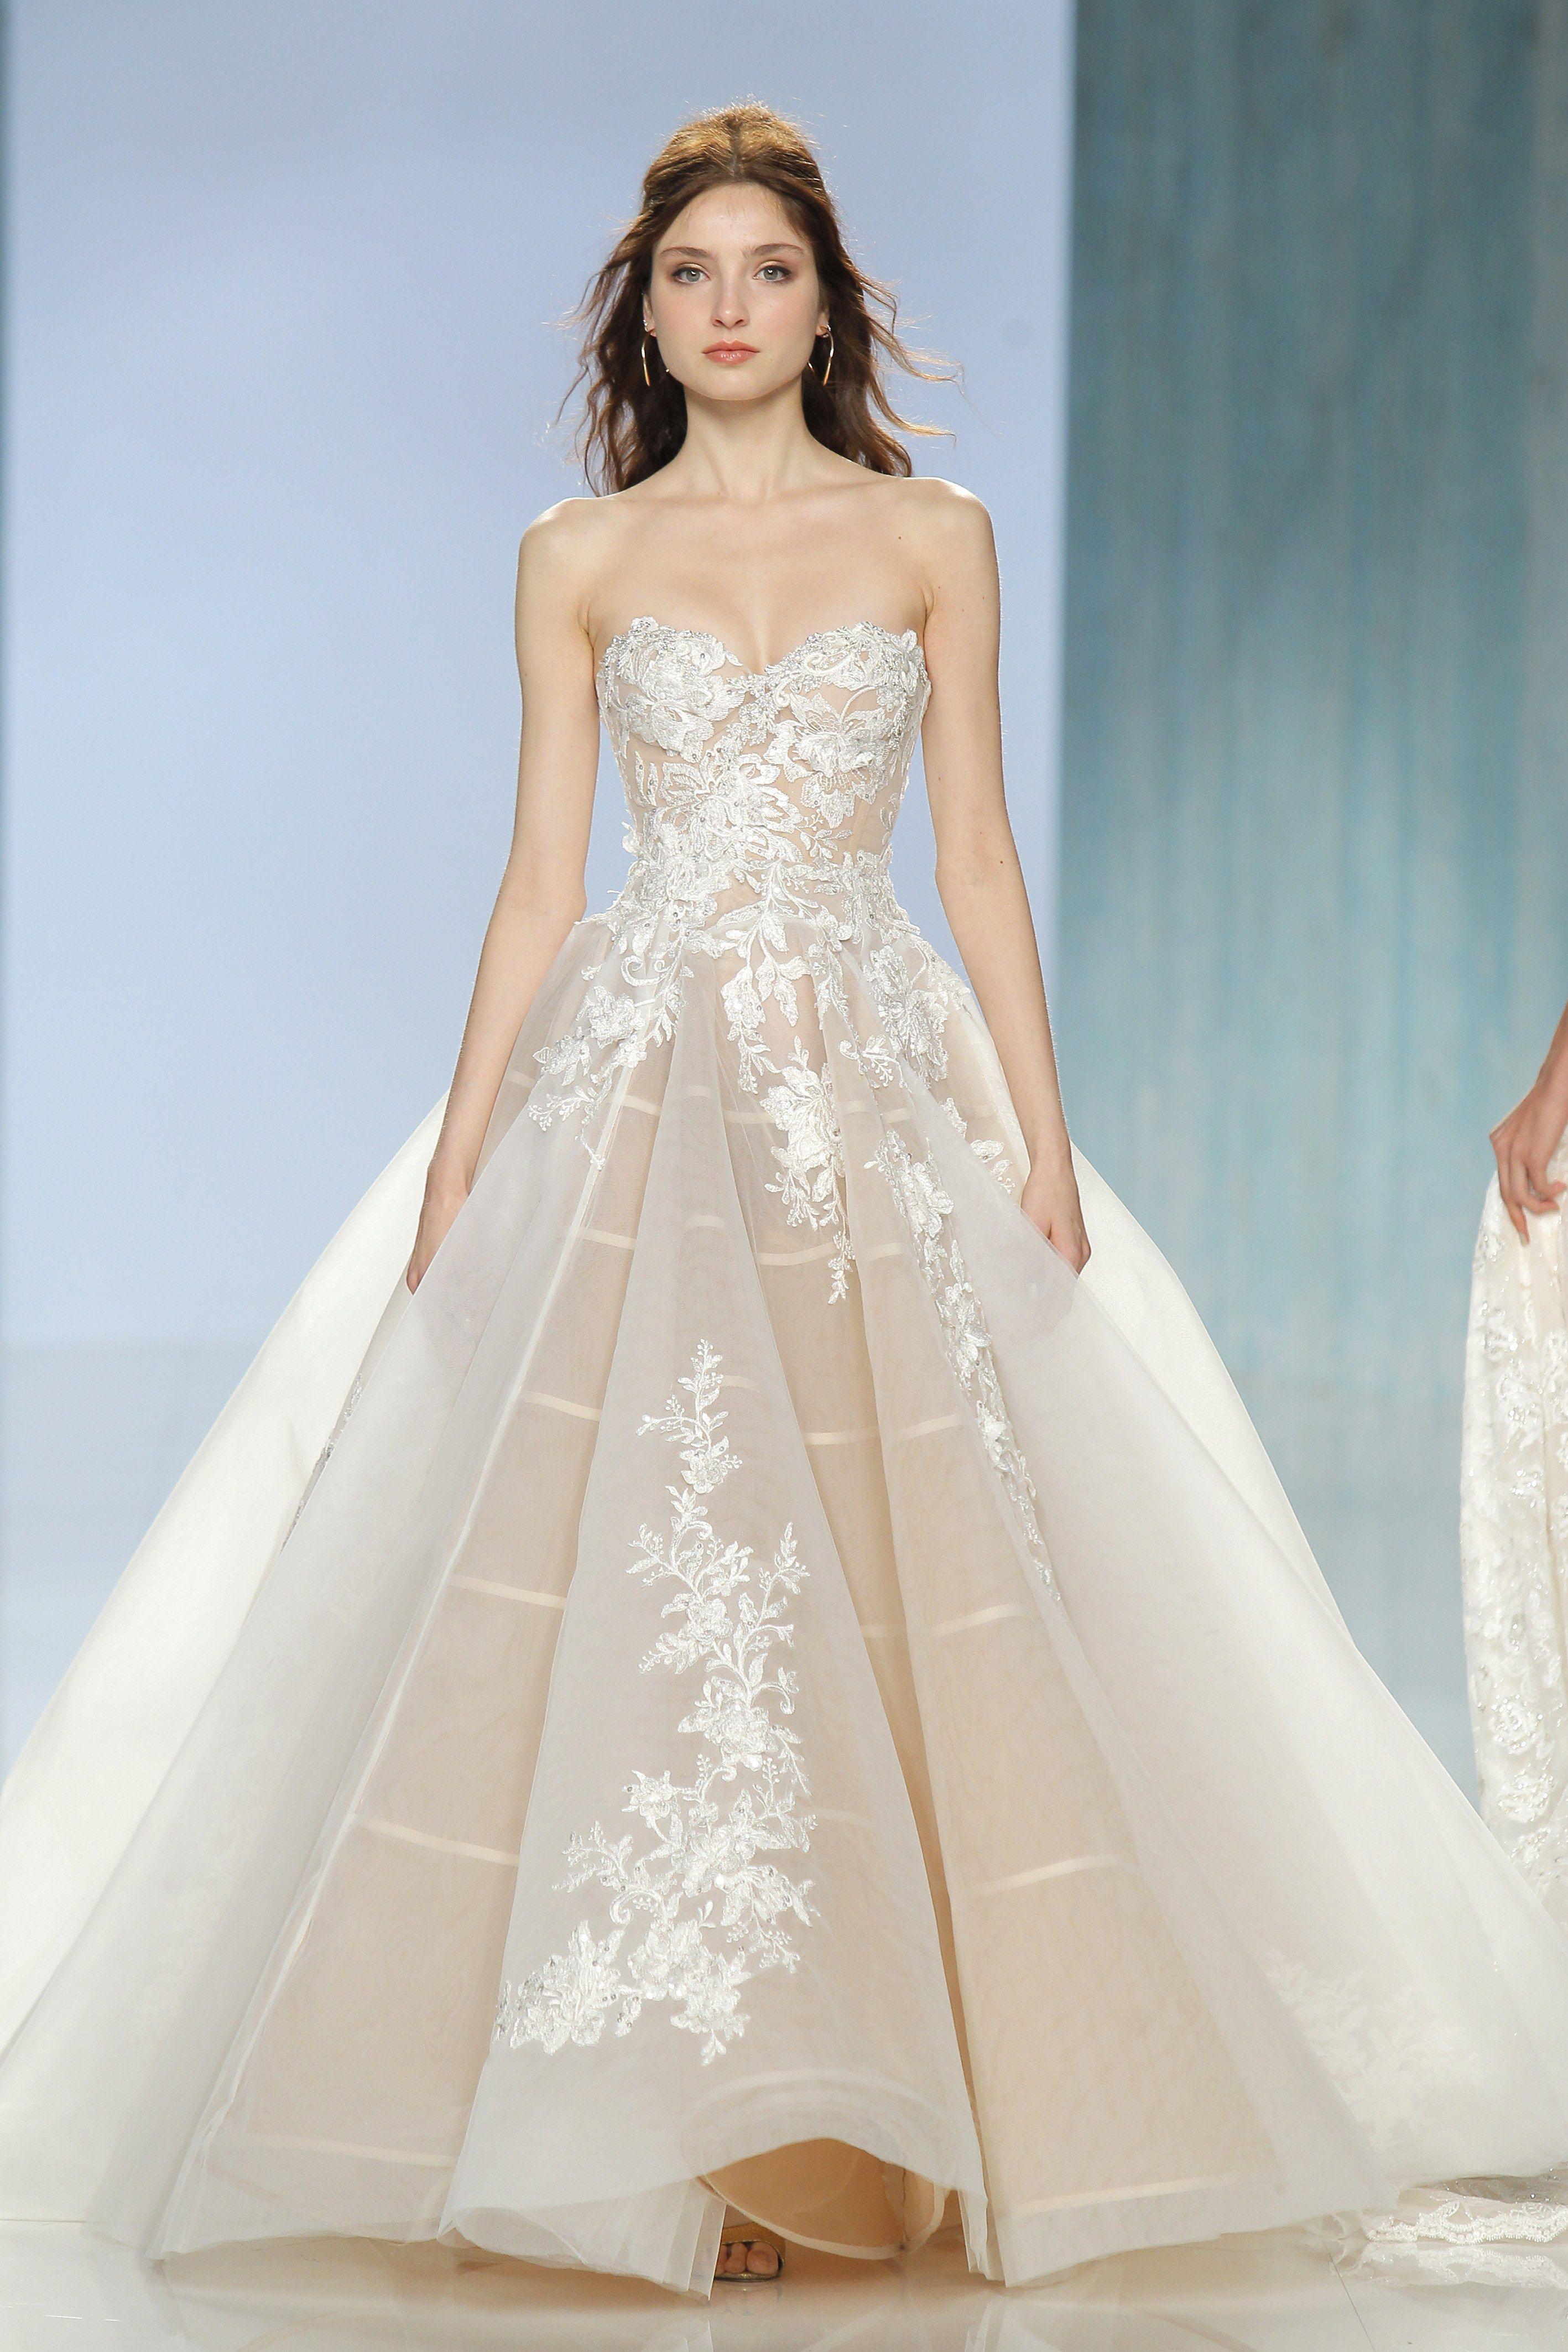 Gala By Galia Lahav Wedding Dresses By Season Ball Gown Wedding Dress Bridal Fashion Week Bridal Dresses